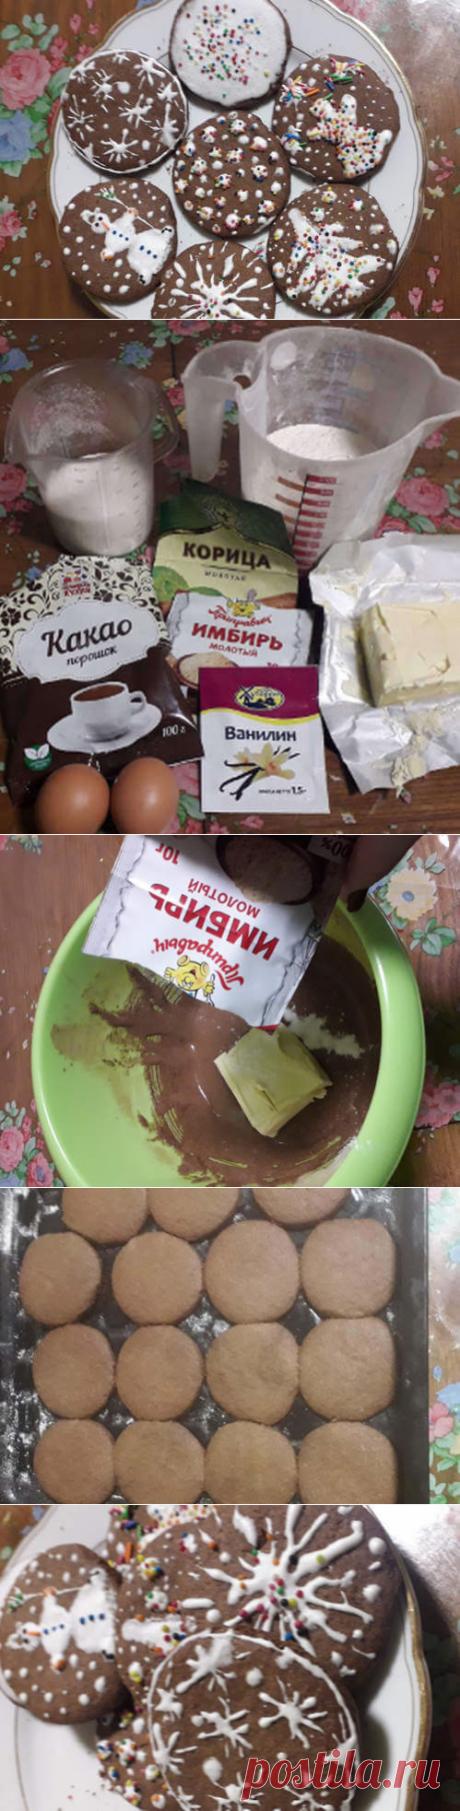 Простой рецепт Рождественских пряников с глазурью – имбирные пряники с какао своими руками